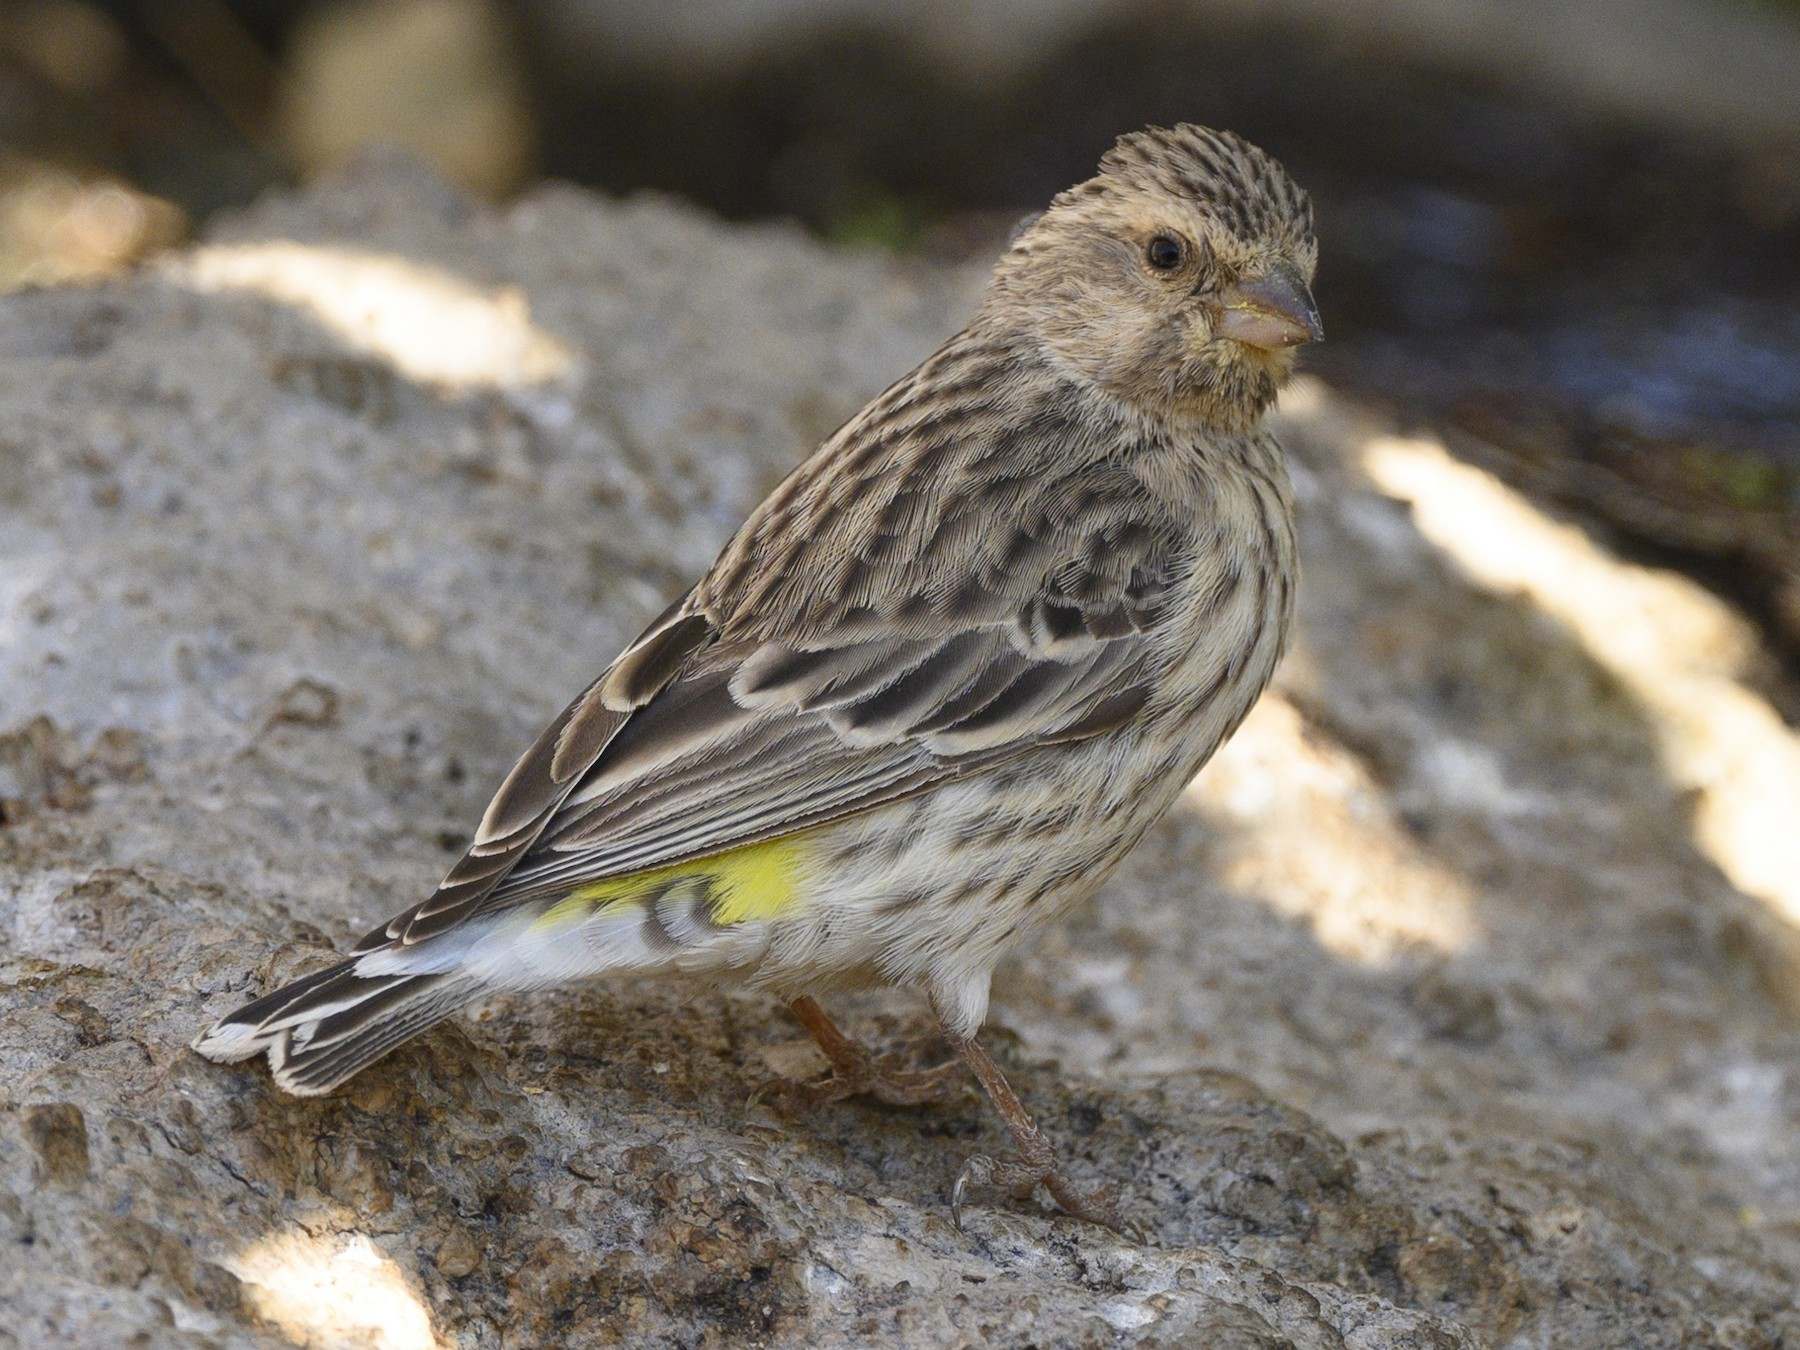 Black-throated Canary - Peter Hawrylyshyn